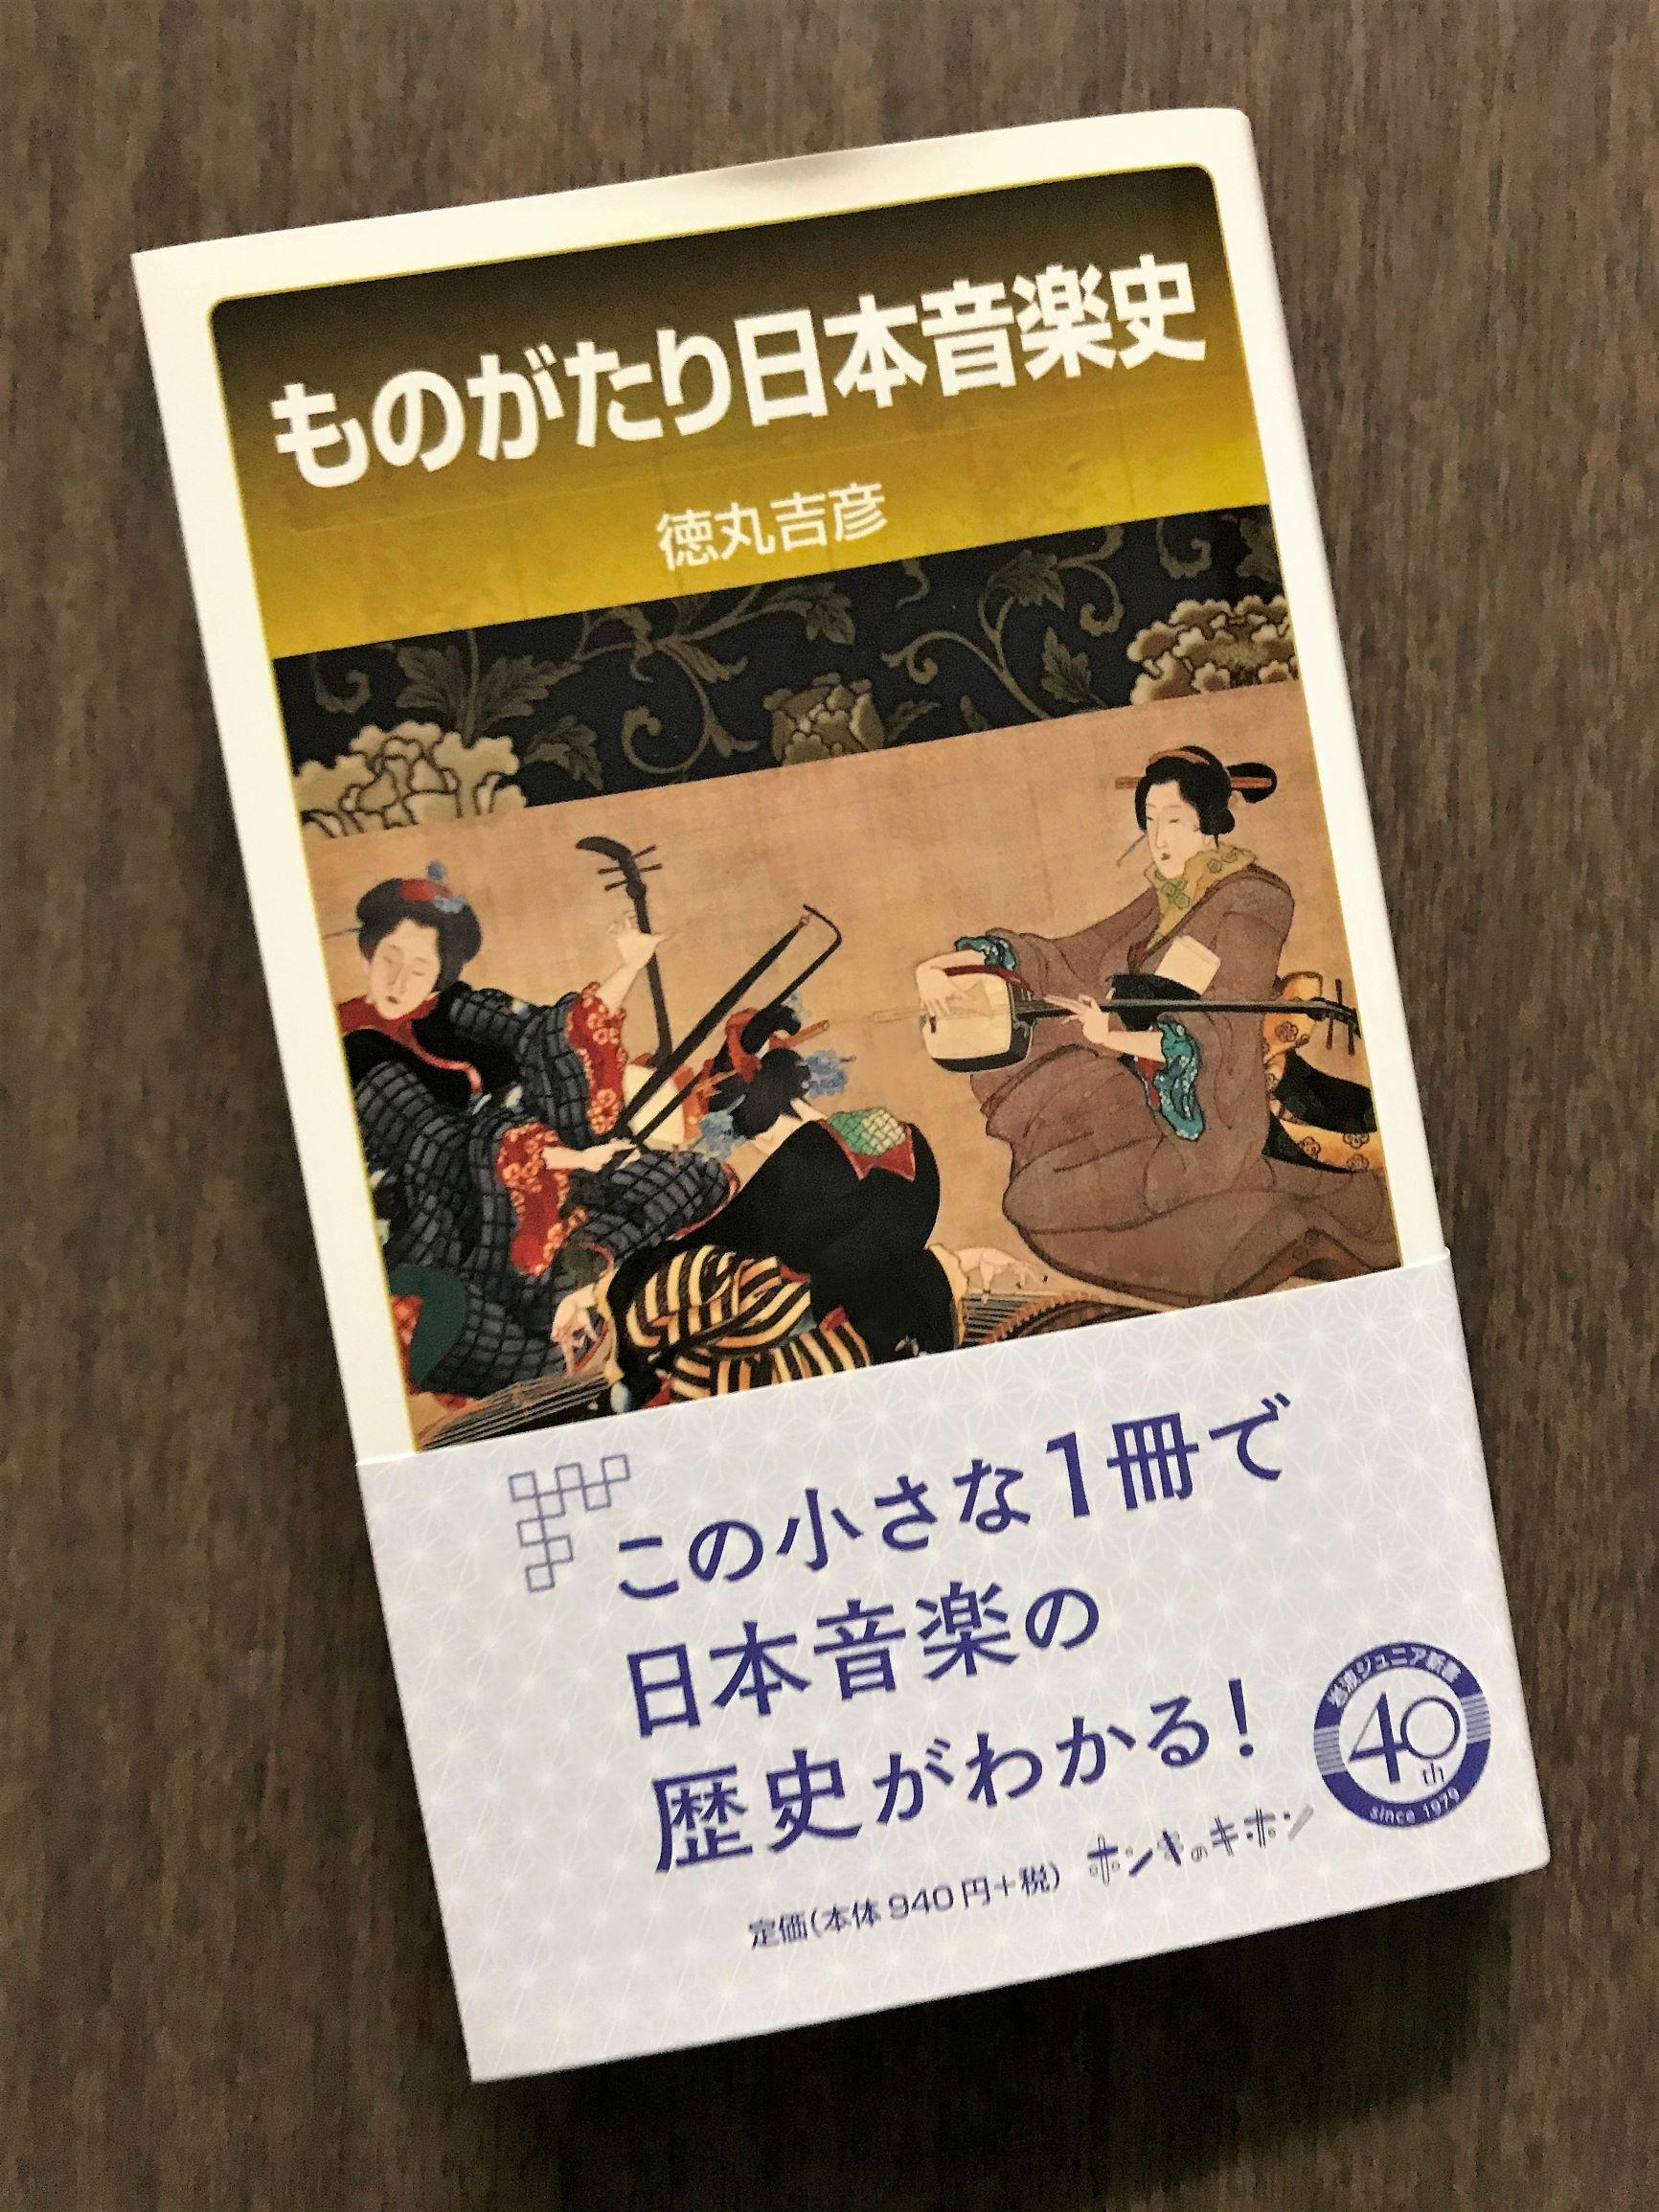 徳丸吉彦先生の新刊が出ました